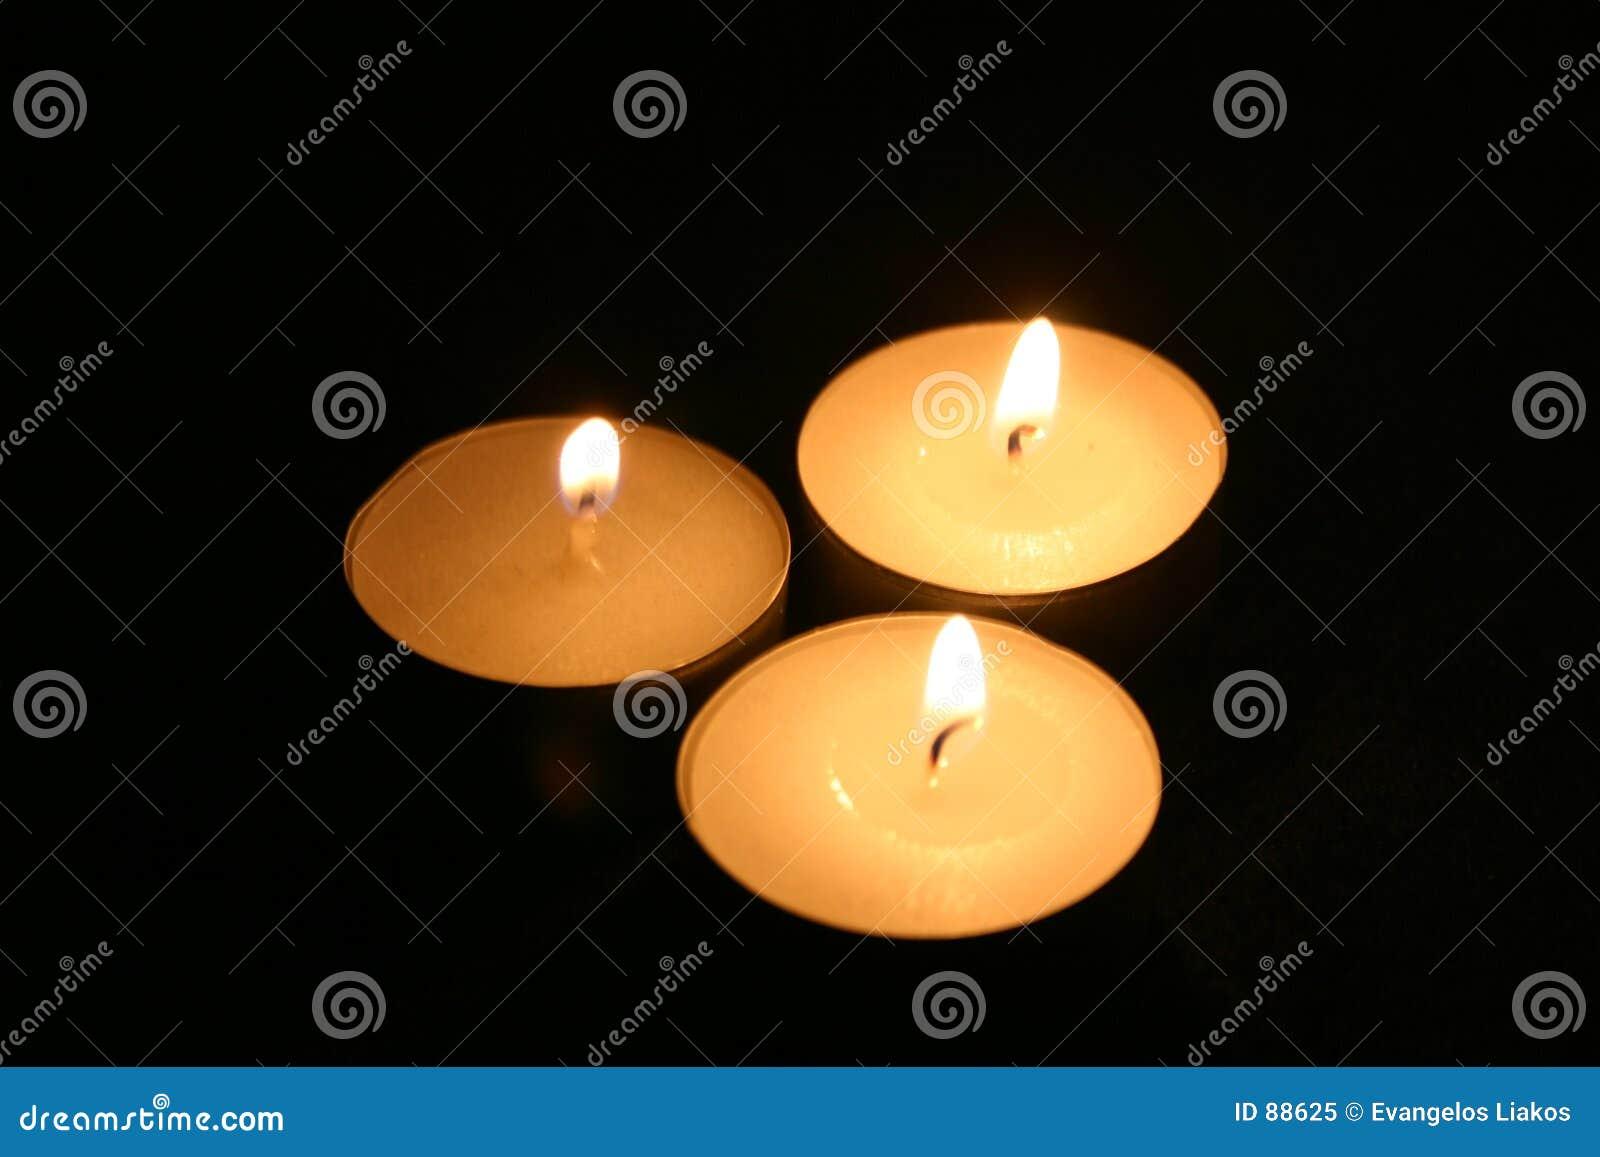 Ciemności trzy świece.